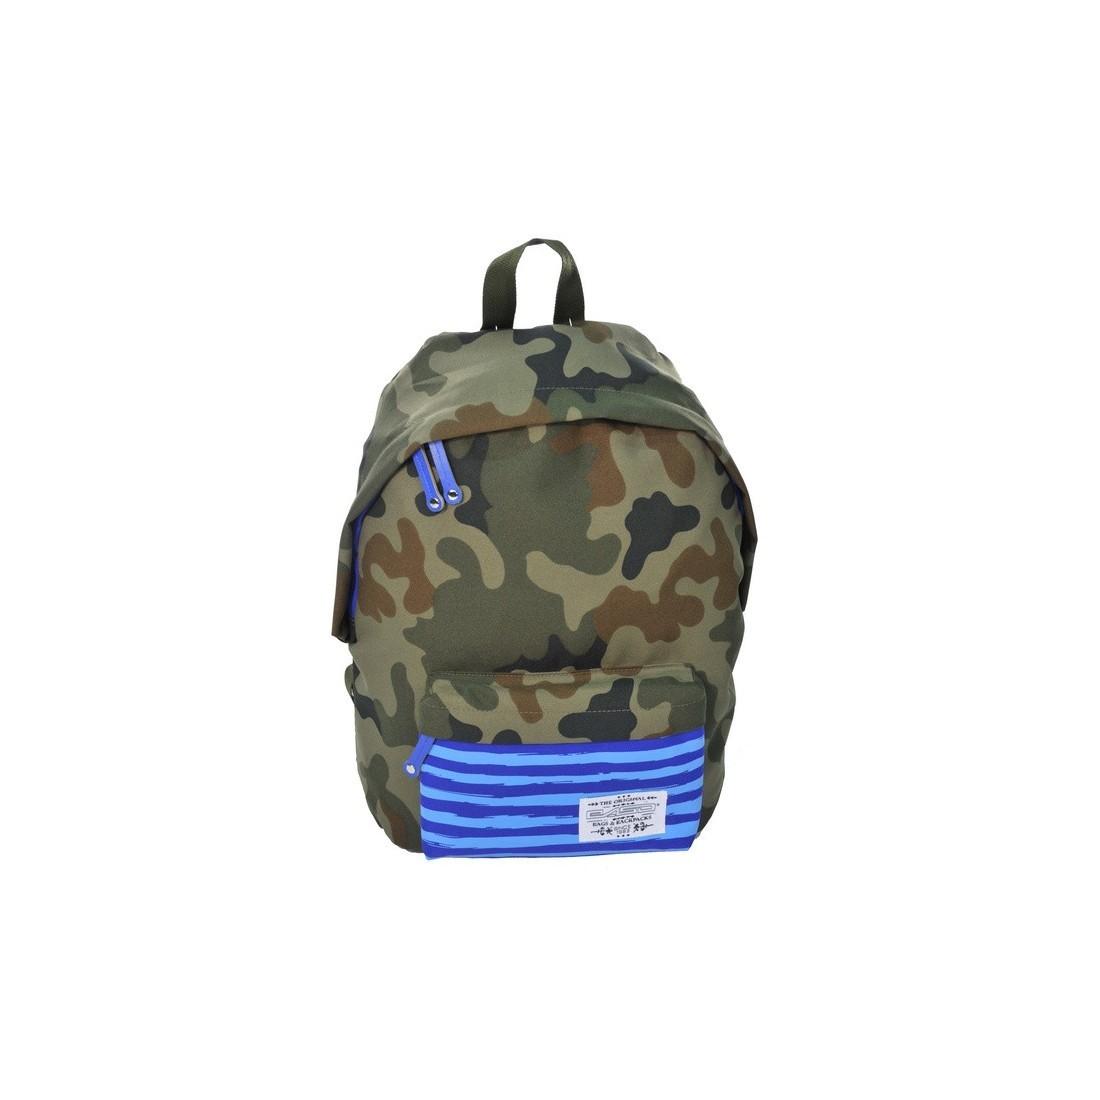 Plecak młodzieżowy Ciemne Moro niebieski w paski - plecak-tornister.pl